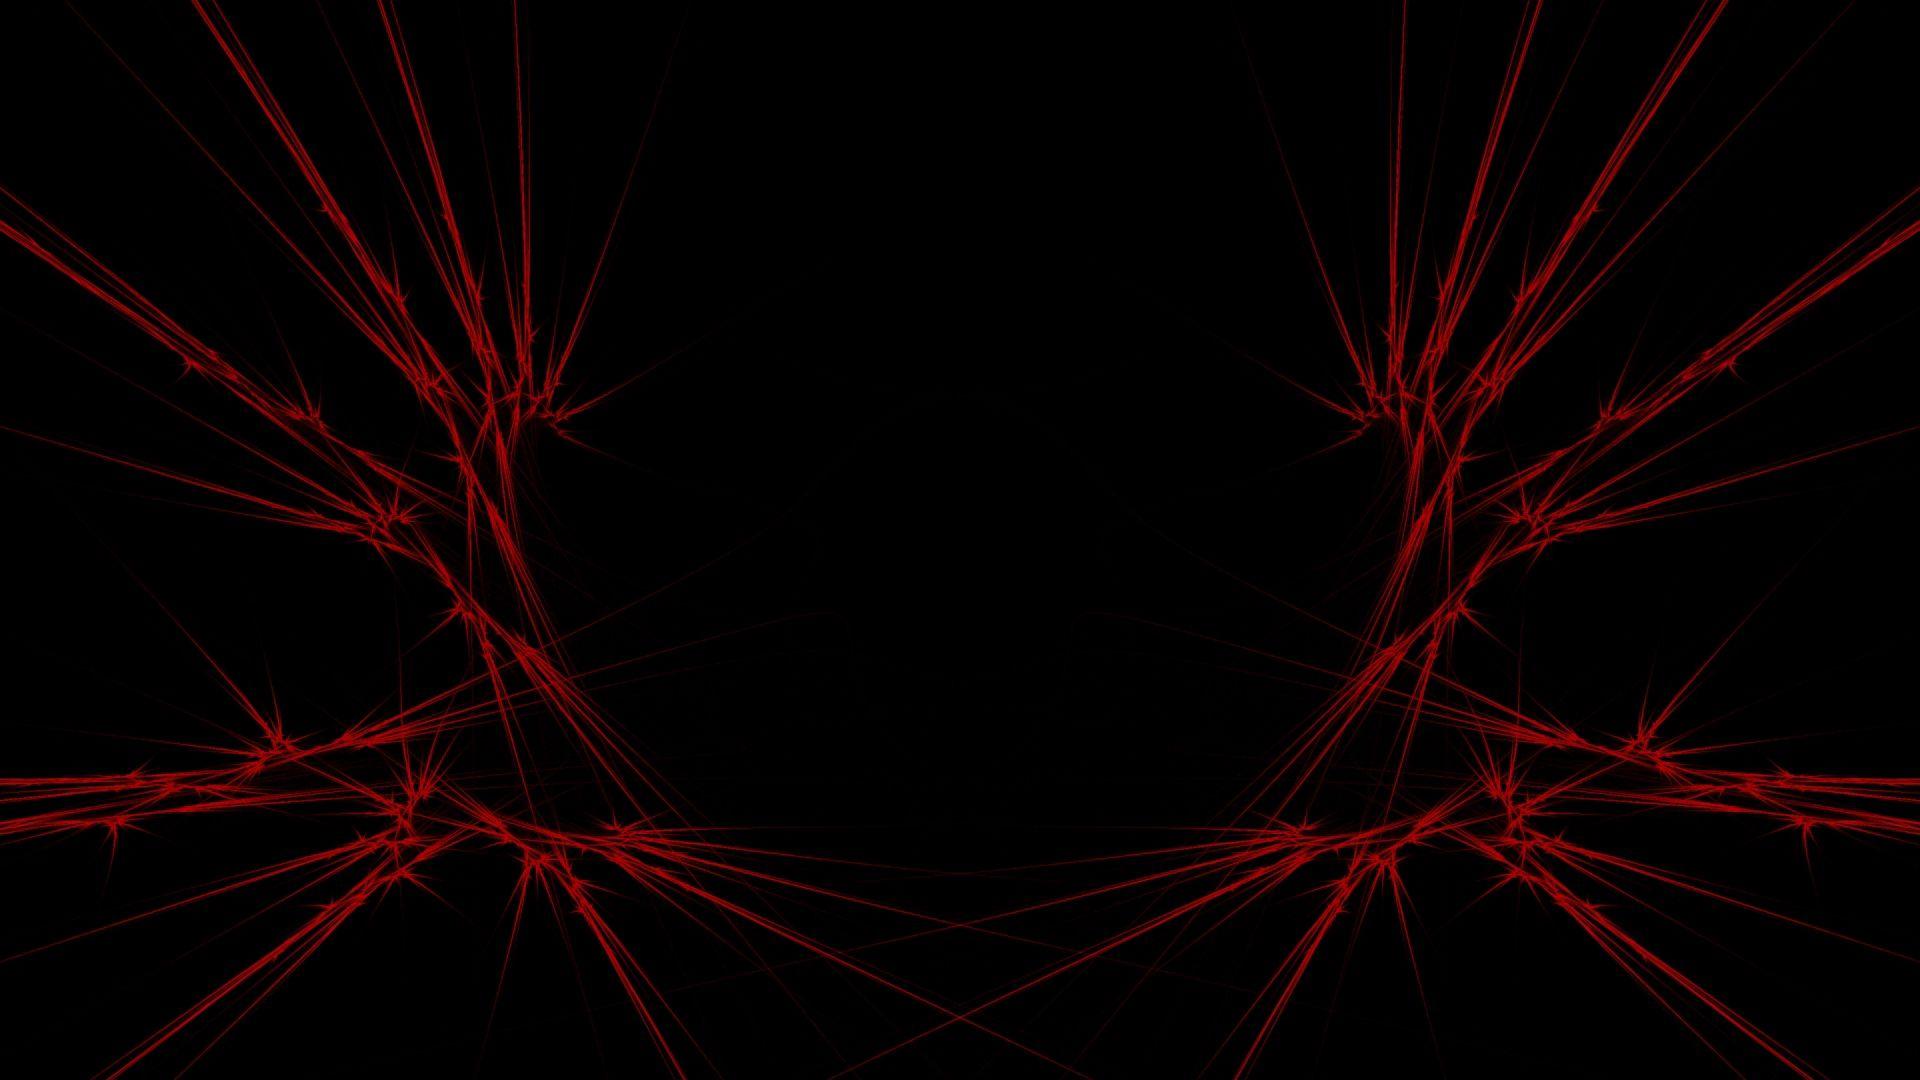 110620 скачать обои Черный, Абстракция, Красный - заставки и картинки бесплатно